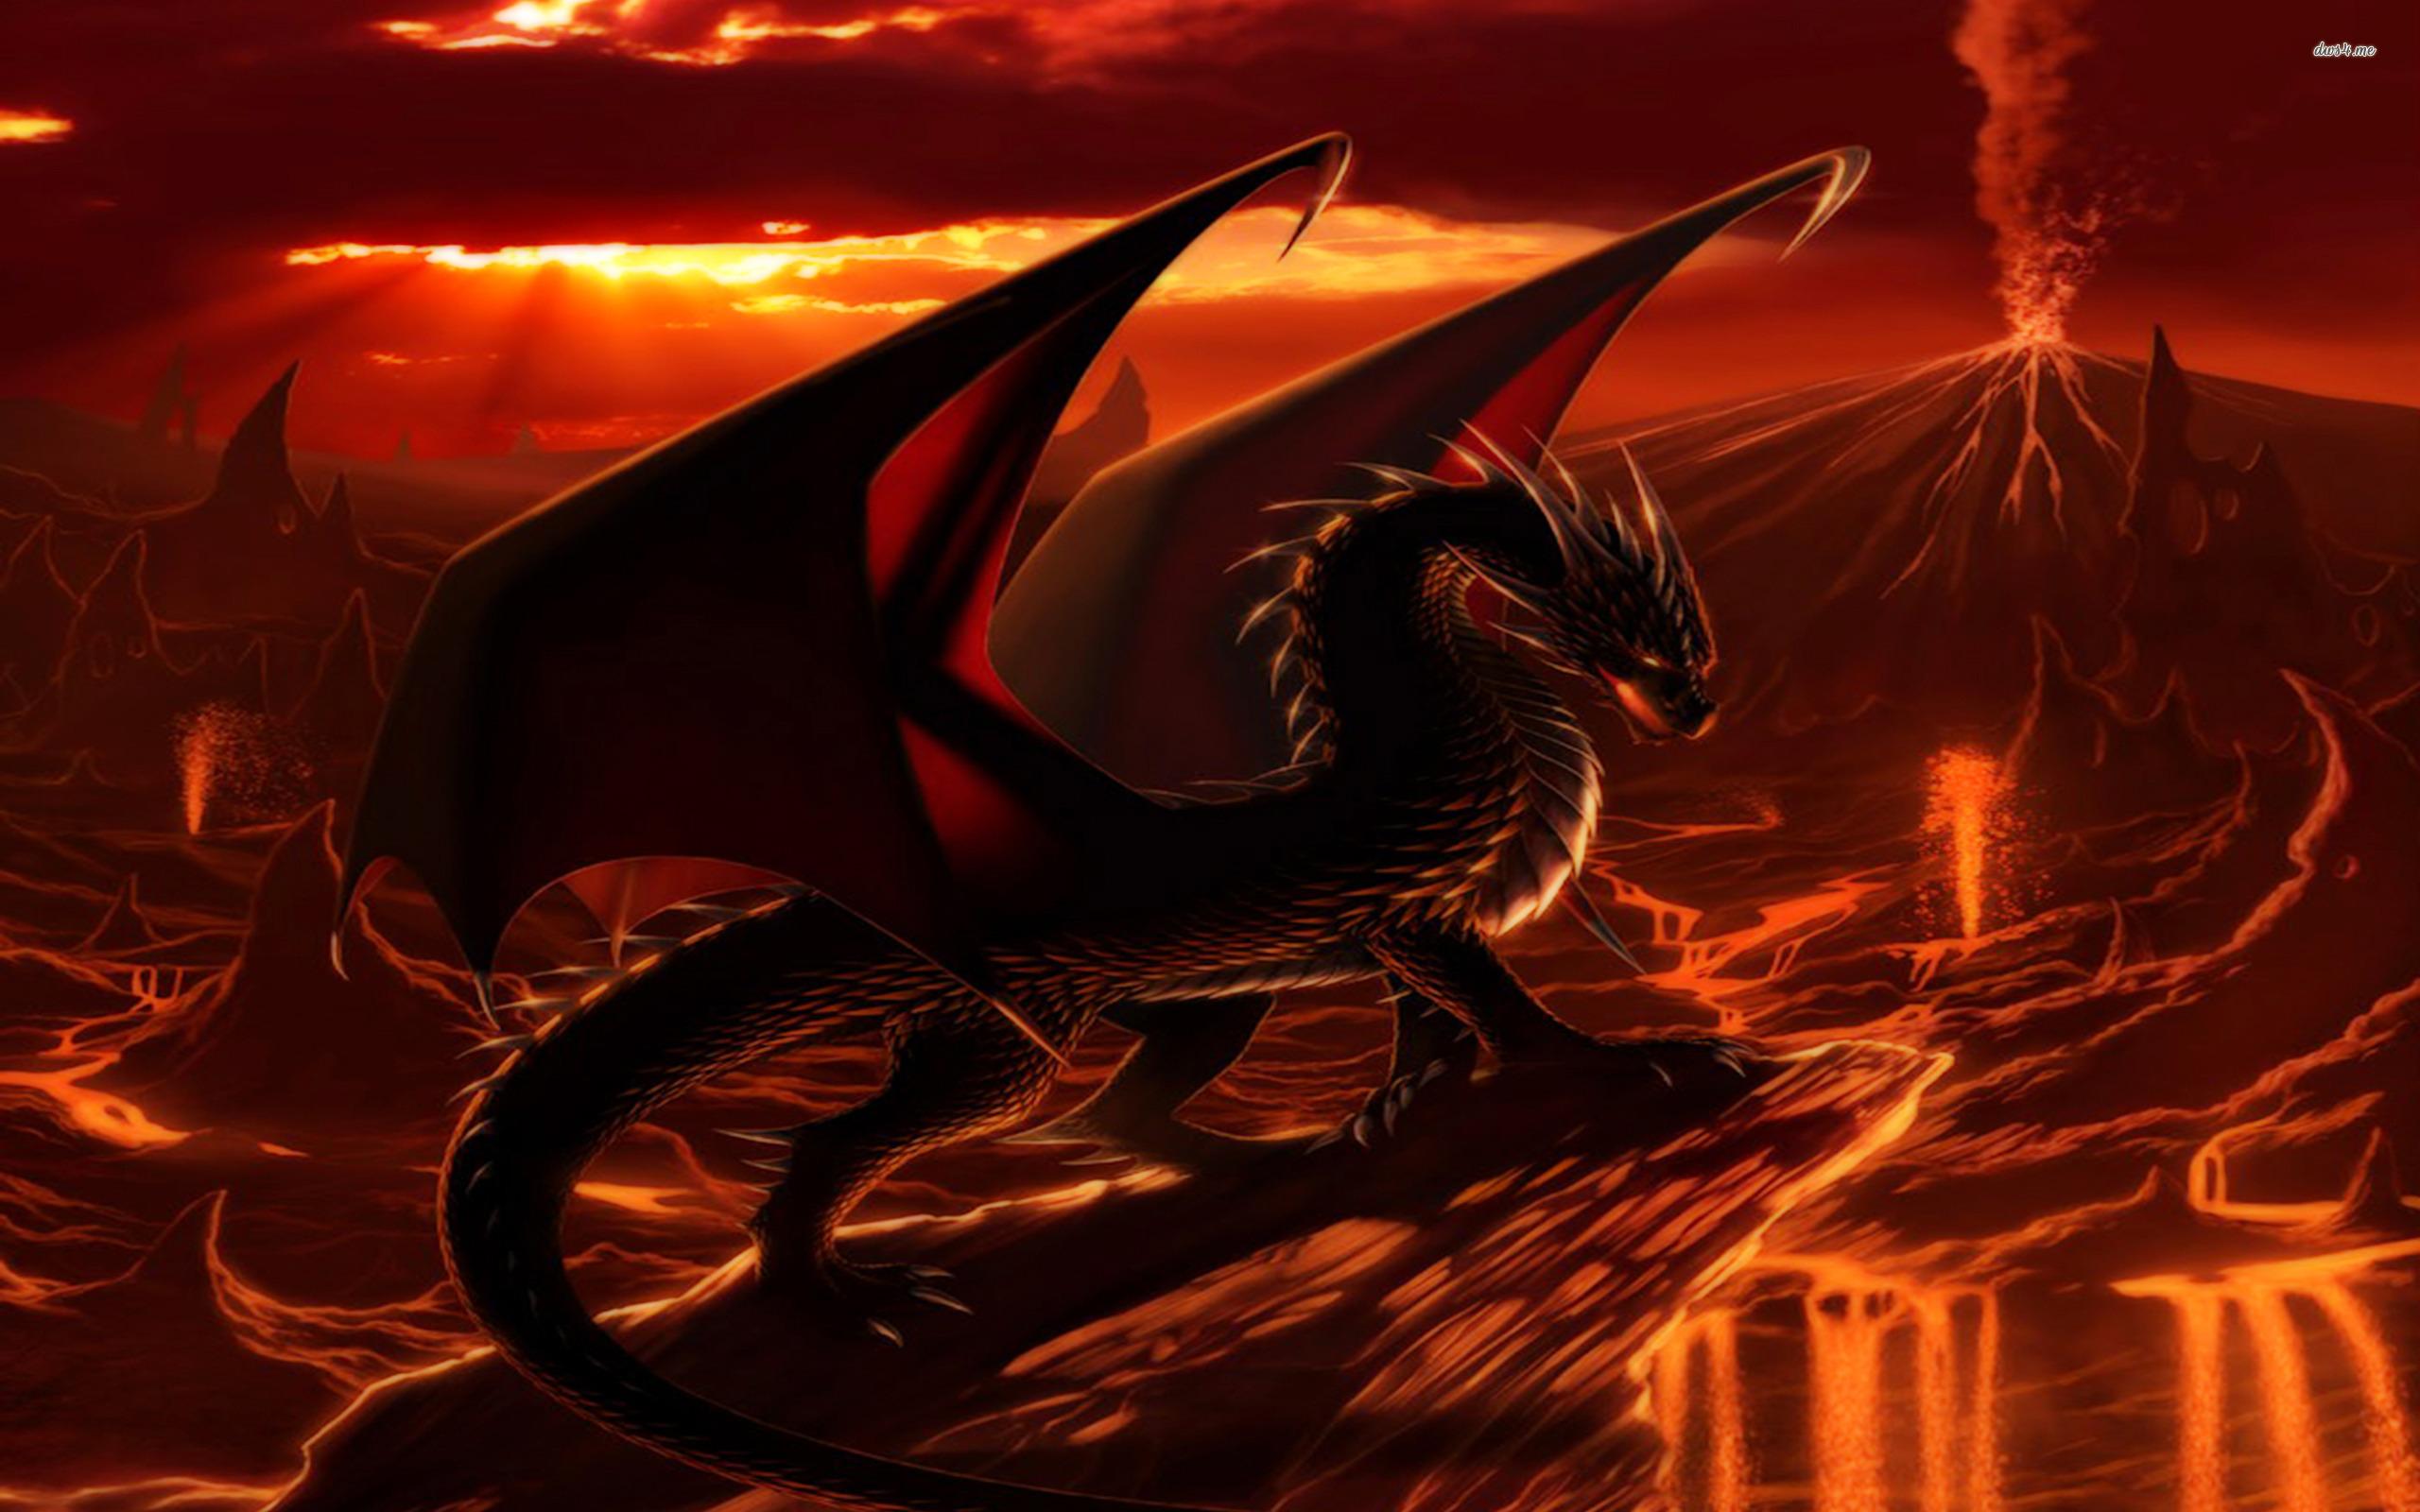 Pics Photos   Dragon Fire Wallpaper Download Cool Wallpaper 2560x1600